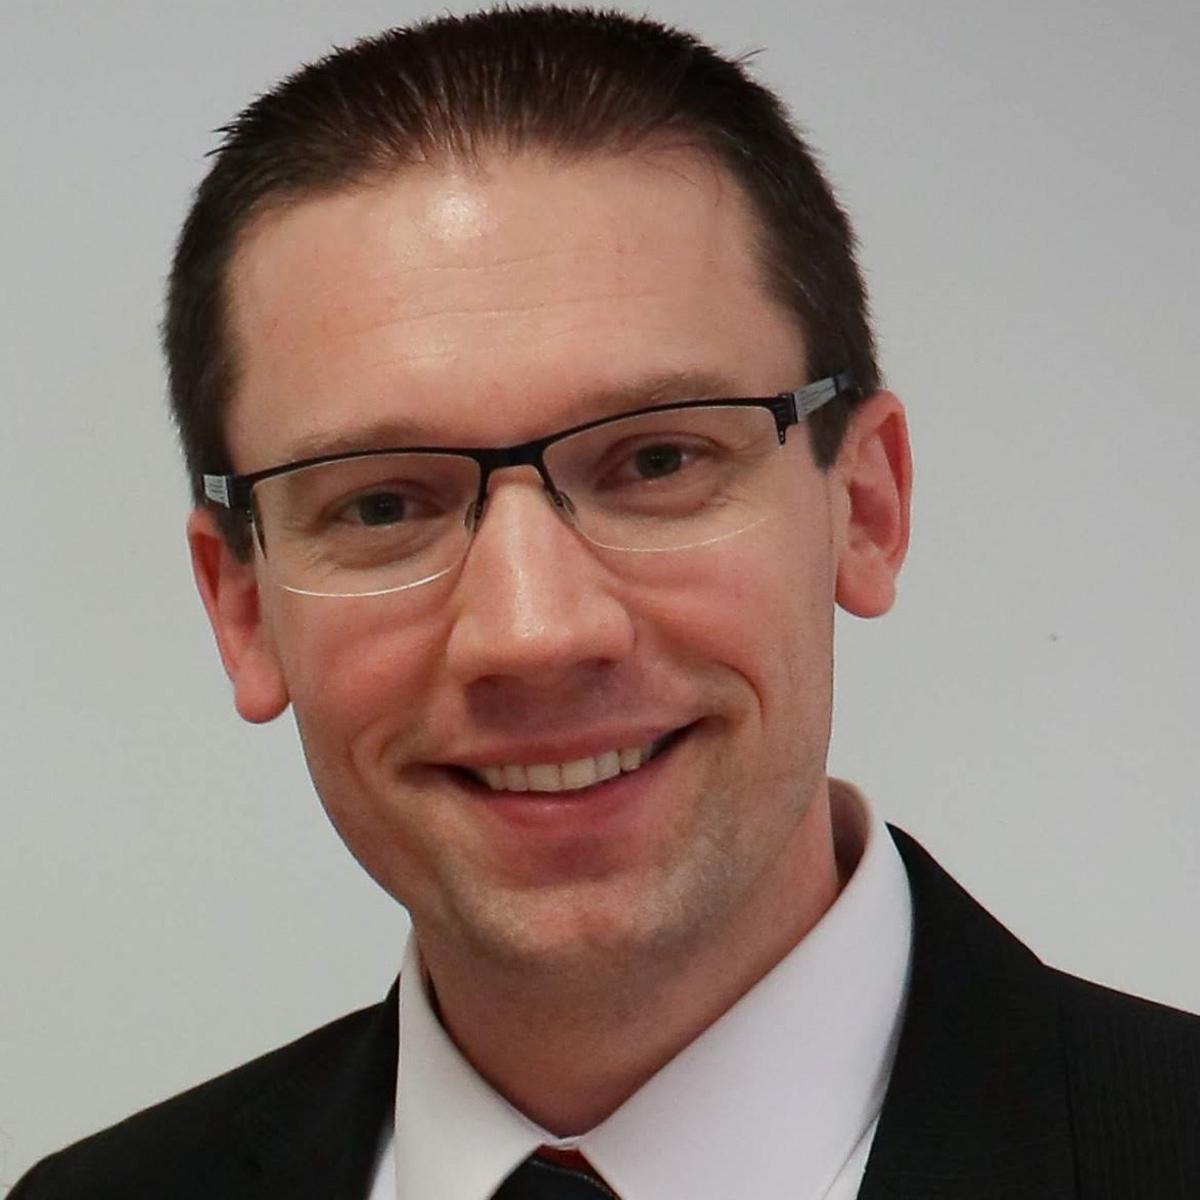 Southwick Christopher Neal, a Magyarország, Budapest Cövek Elnöke